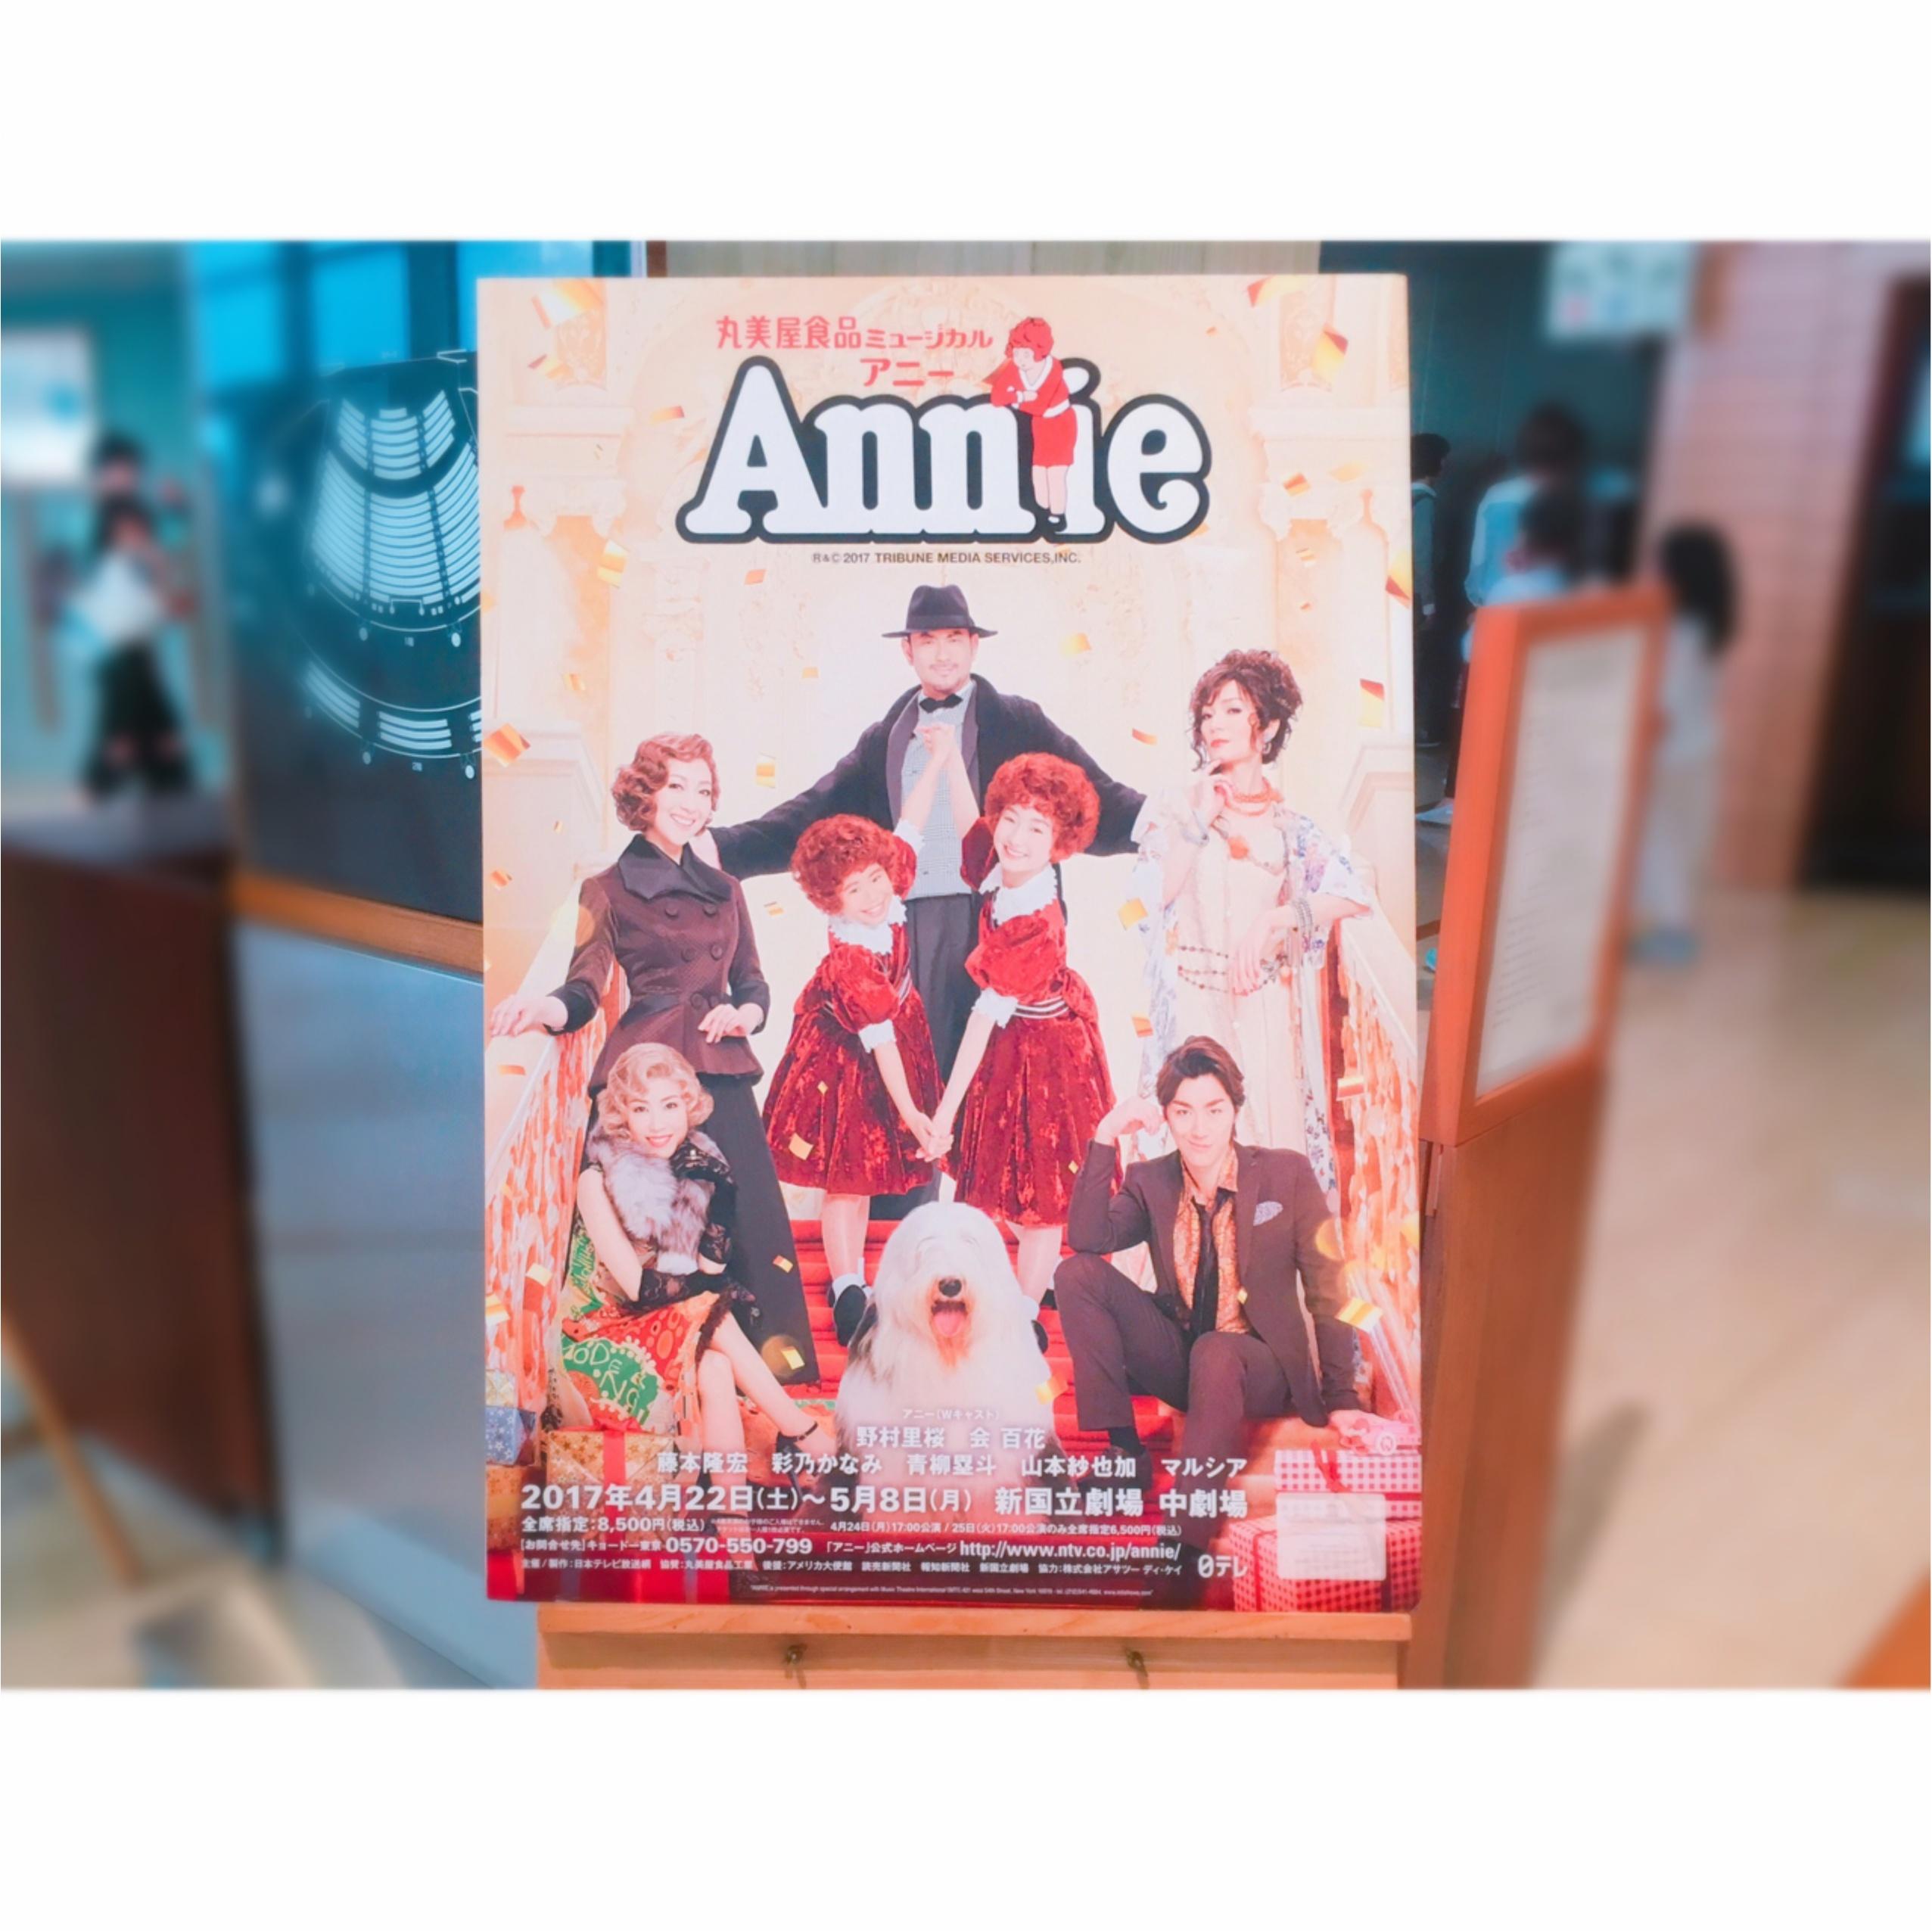 ▷16年ぶりのリニューアル!!ミュージカル【Annie】_1